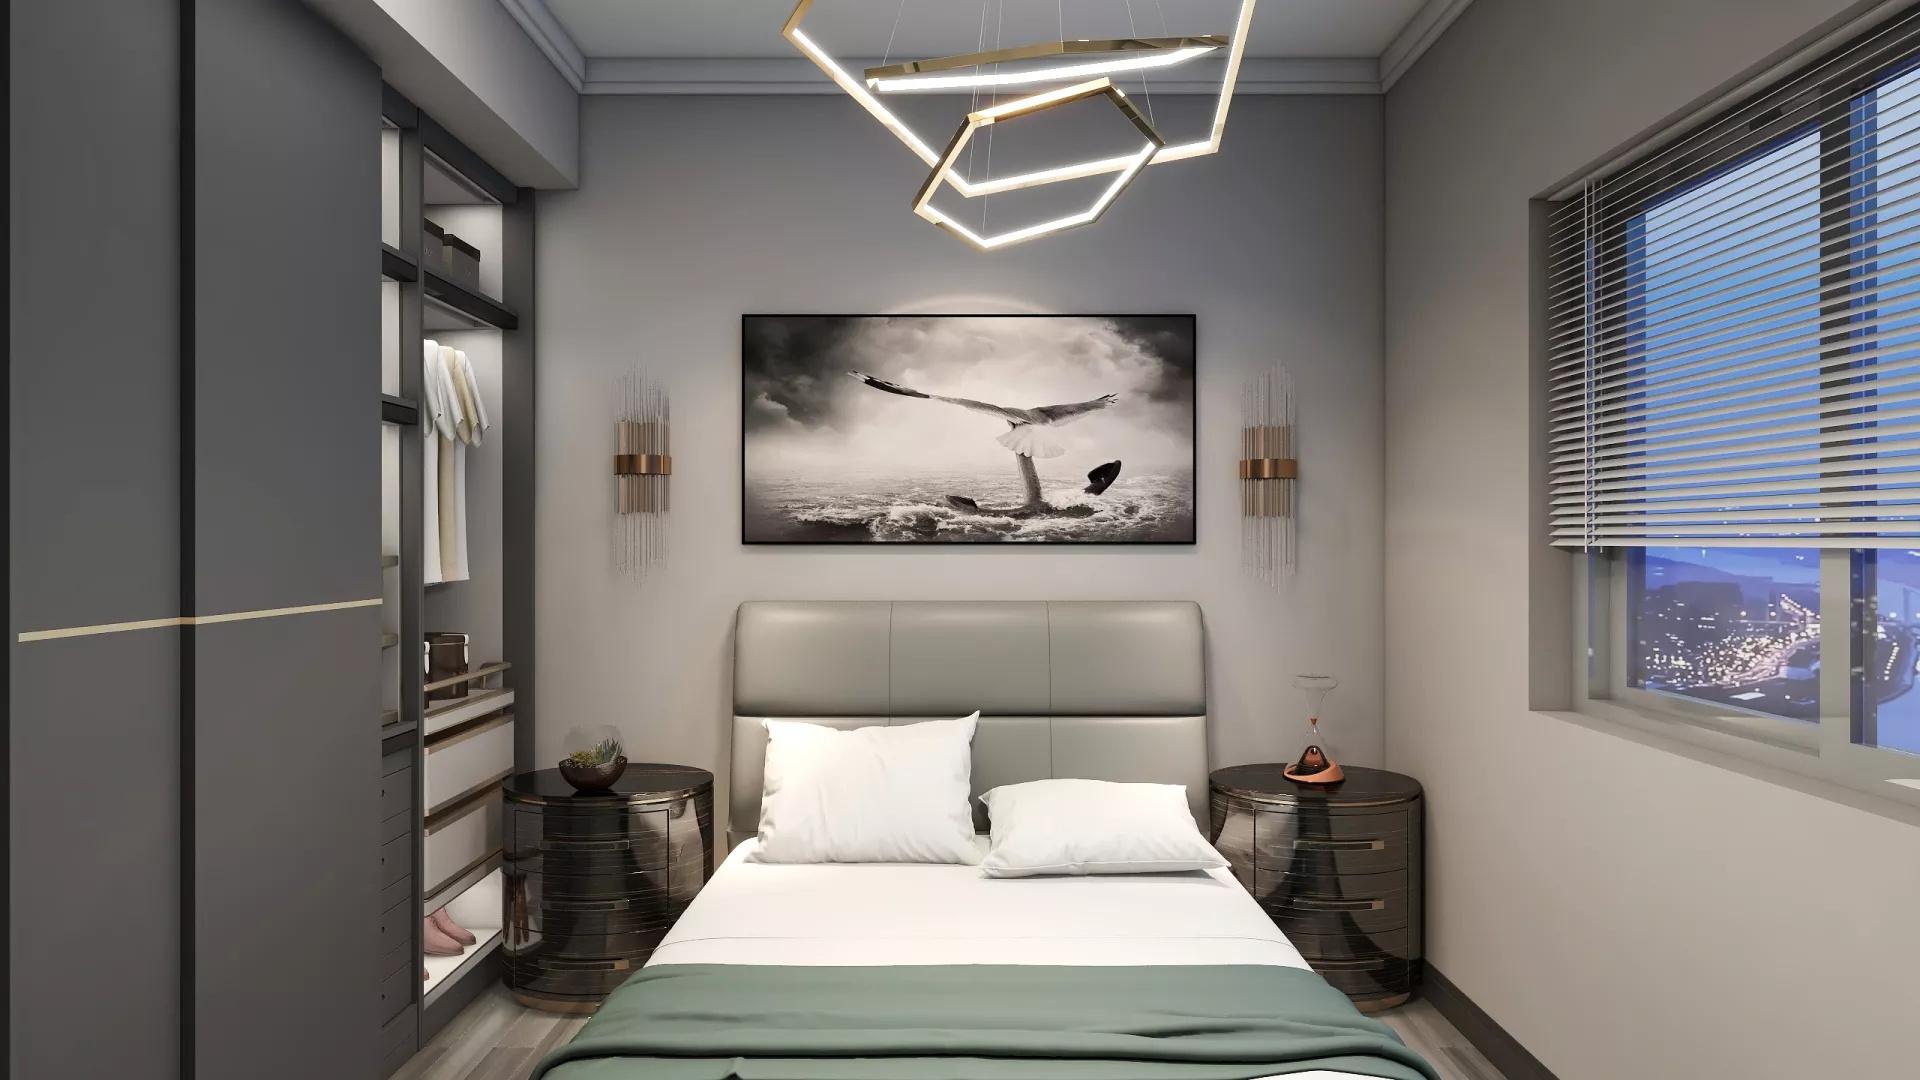 現代風格客廳要怎么設計?現代風格客廳有什么特點?